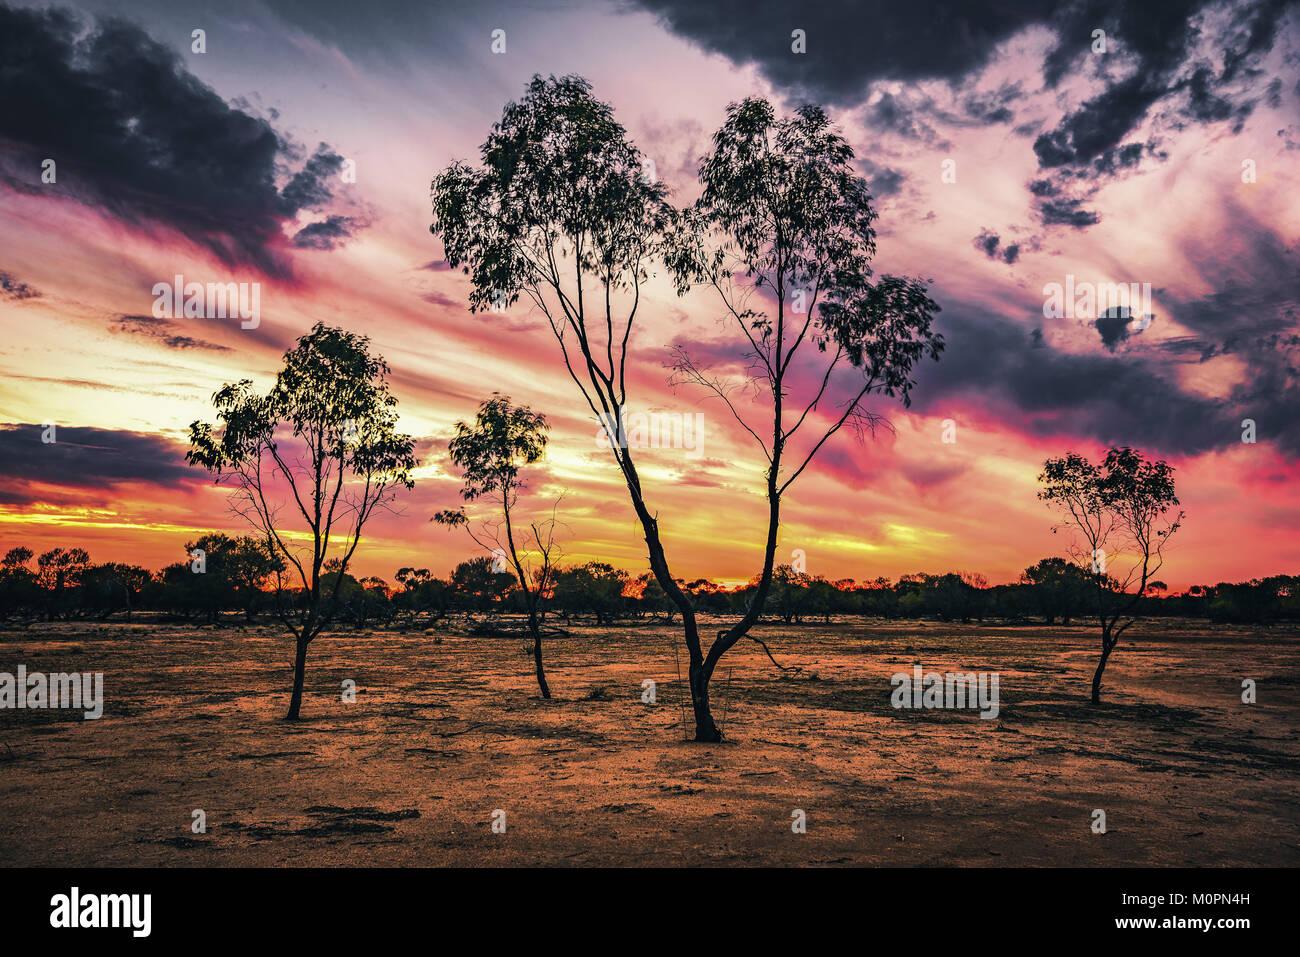 Sunset in Australian Golden outback - Stock Image